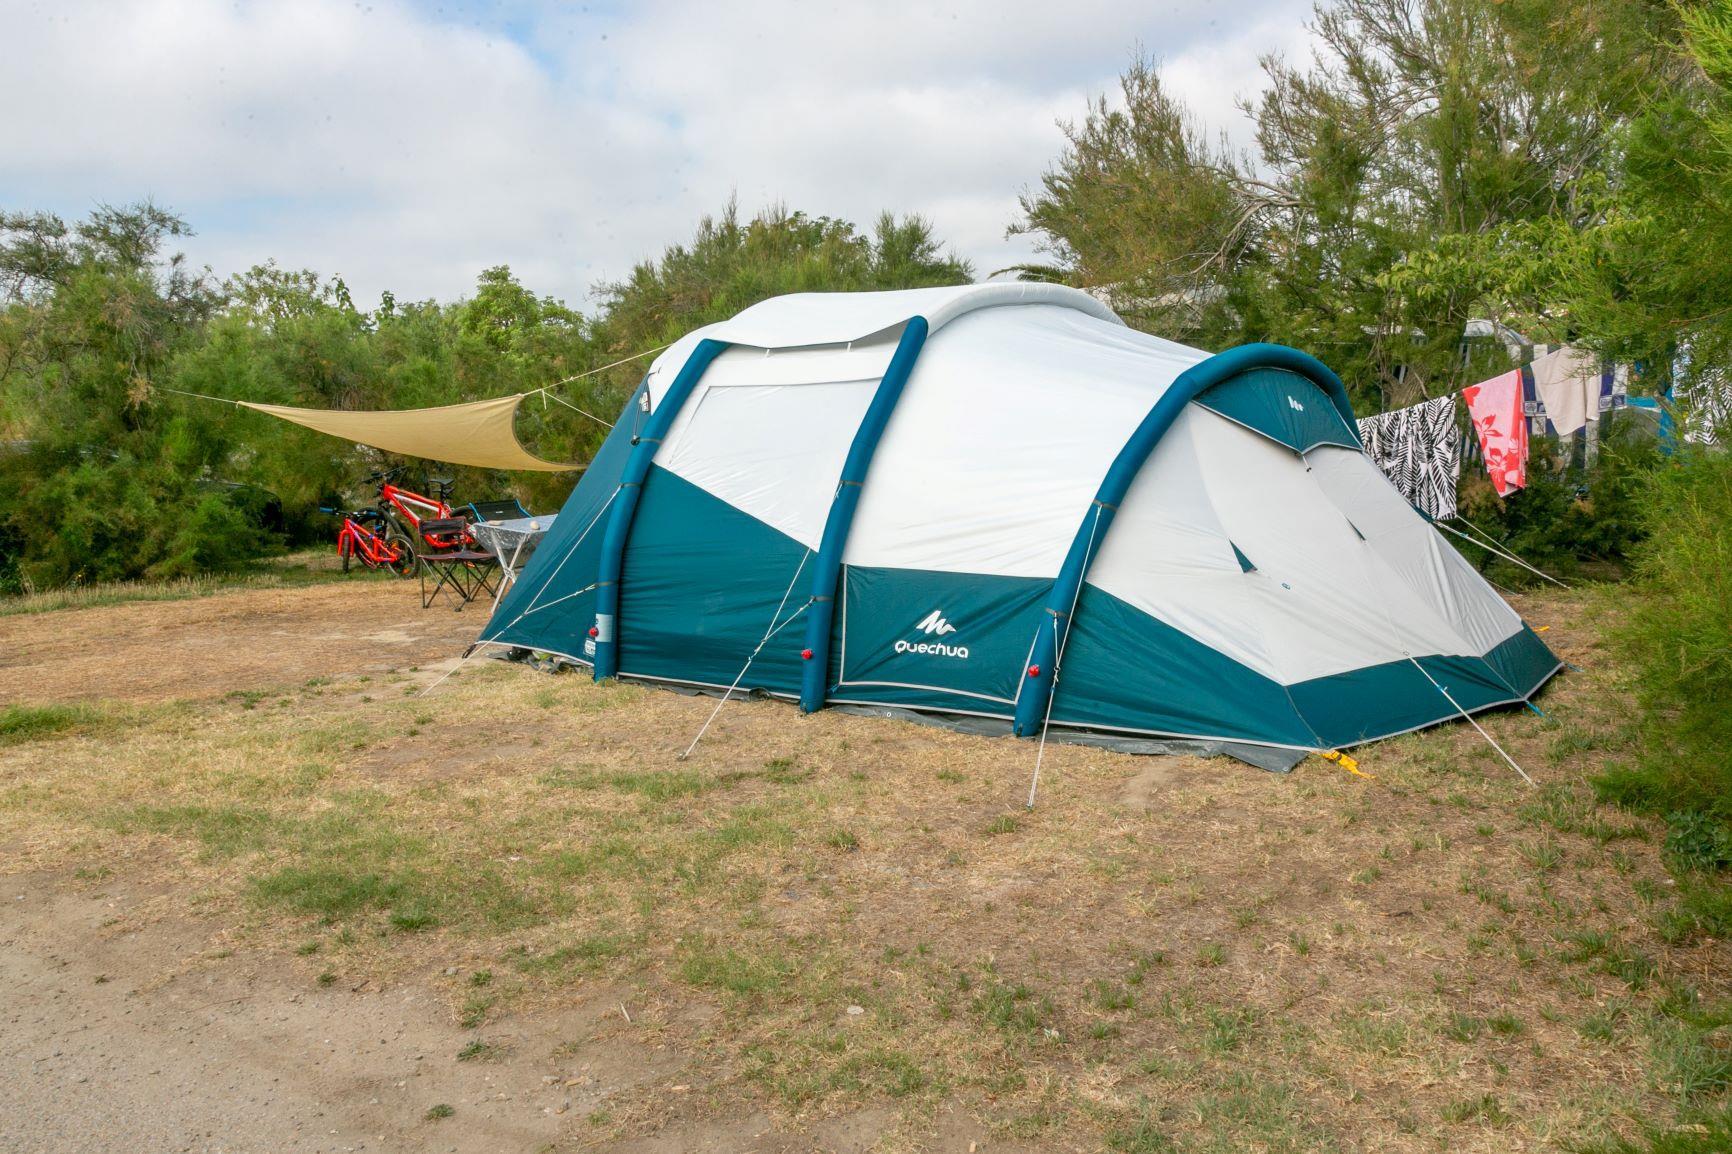 Emplacement - Forfait Confort : Emplacement + 1 Voiture + Électricité 10 A + Eau/Évacuation - Camping Cala Gogo